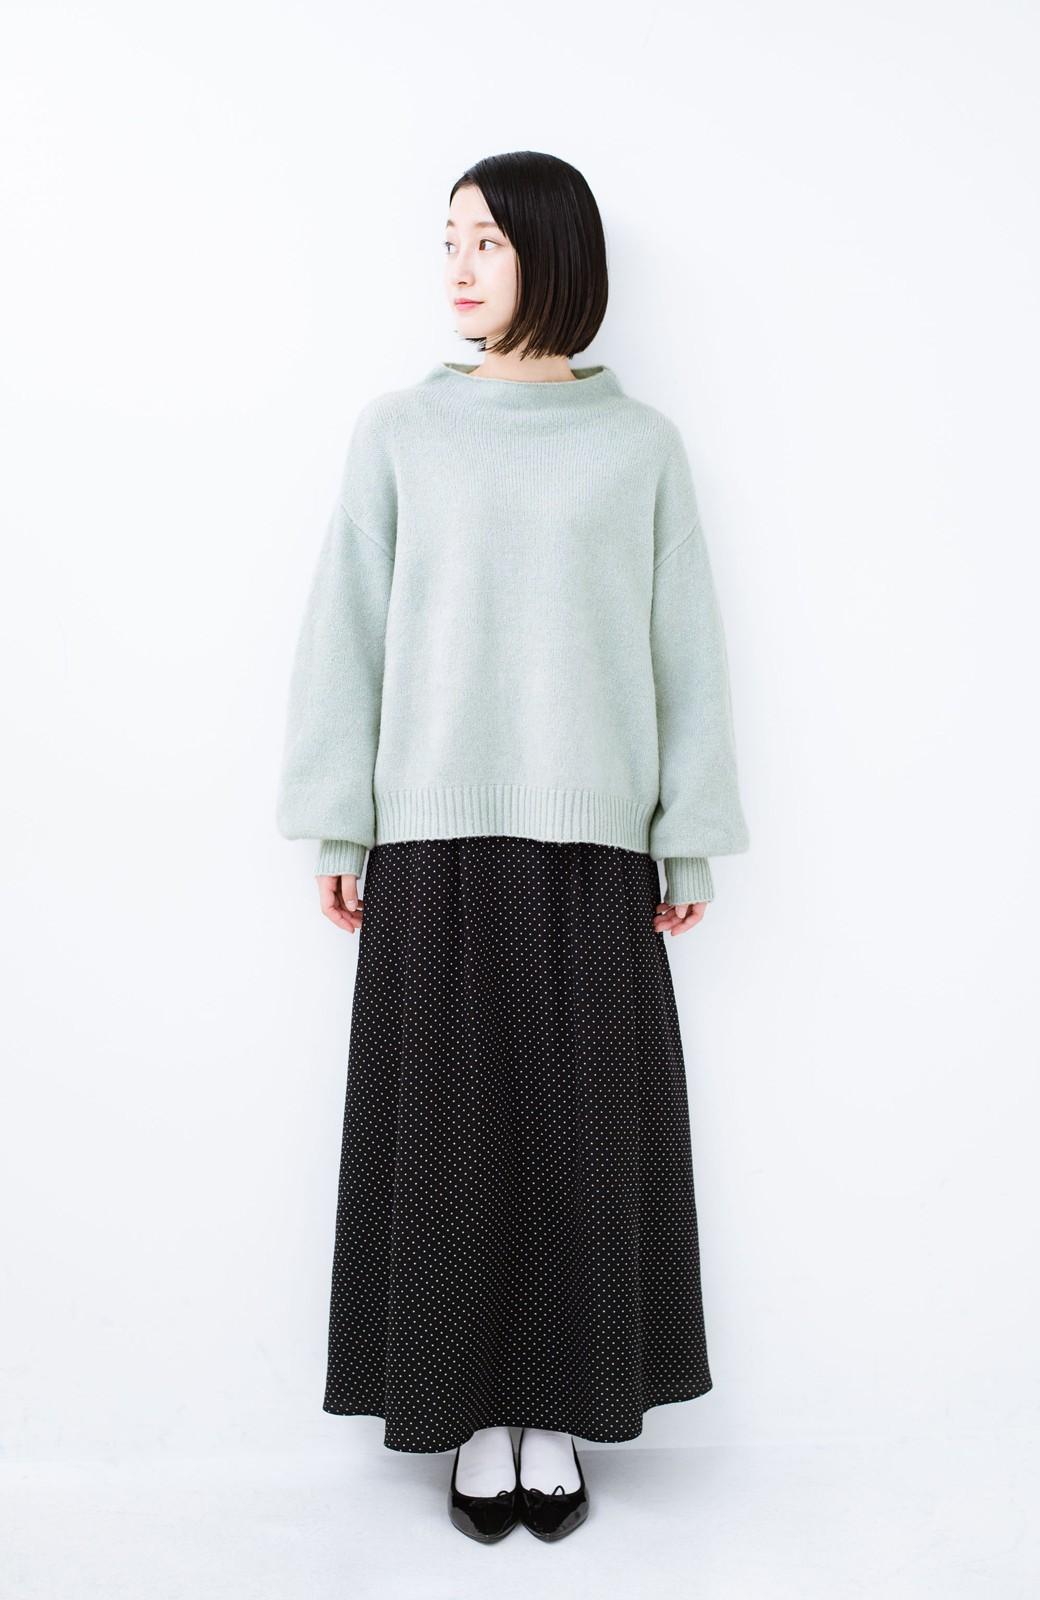 haco! パッと着るだけでかわいくなれる気がする ぷっくり袖のボトルネックニット <ライトグリーン>の商品写真6